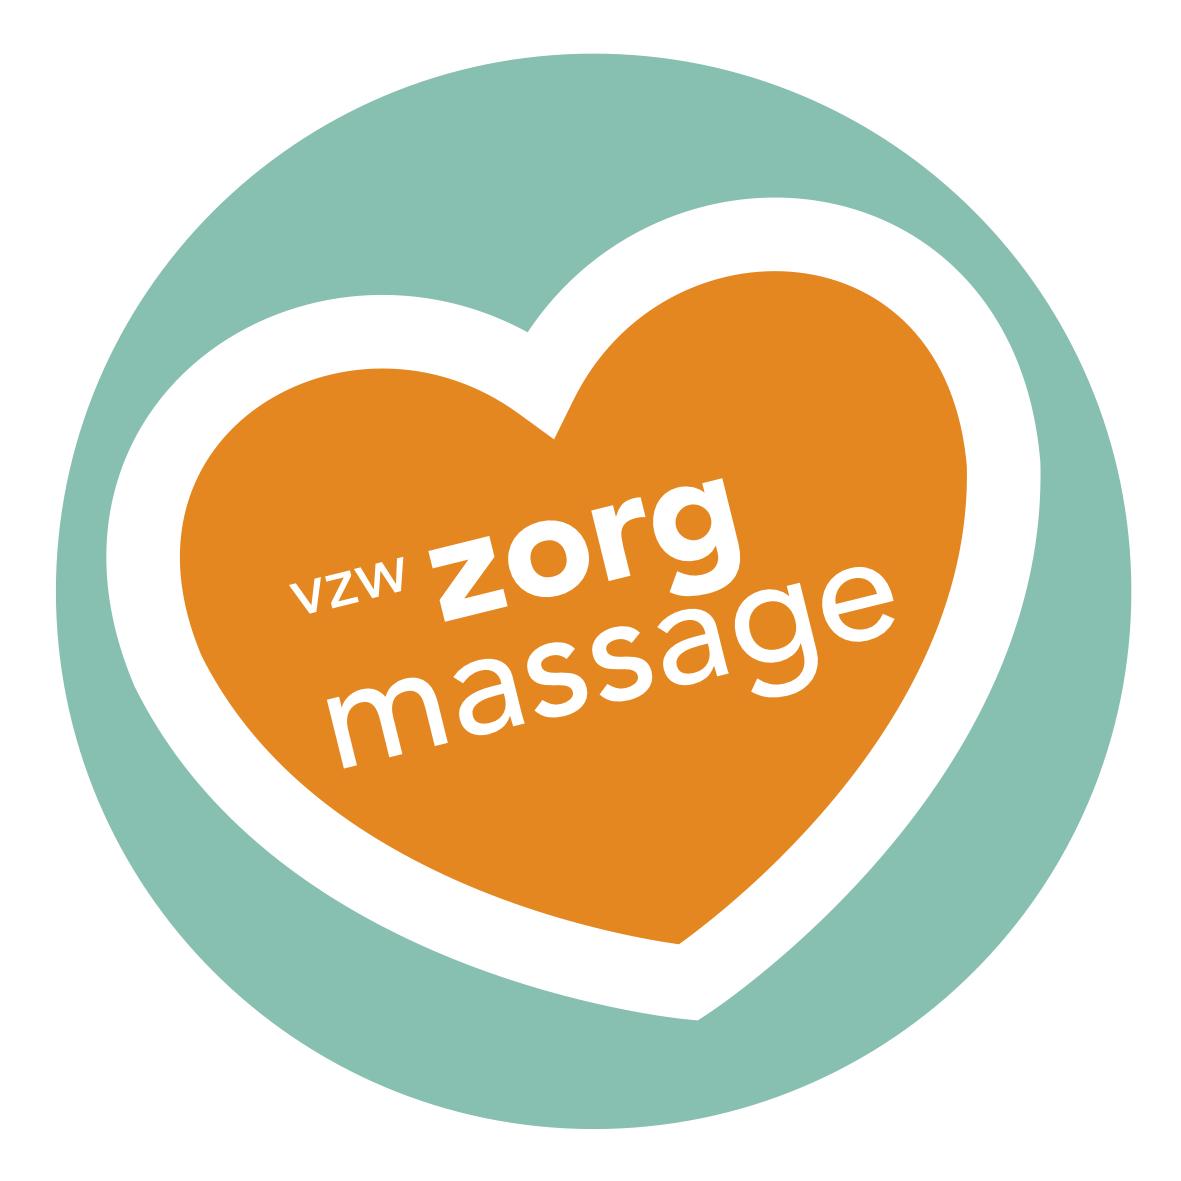 Zorgmassage-logo-cirkel-primair-HR.jpg